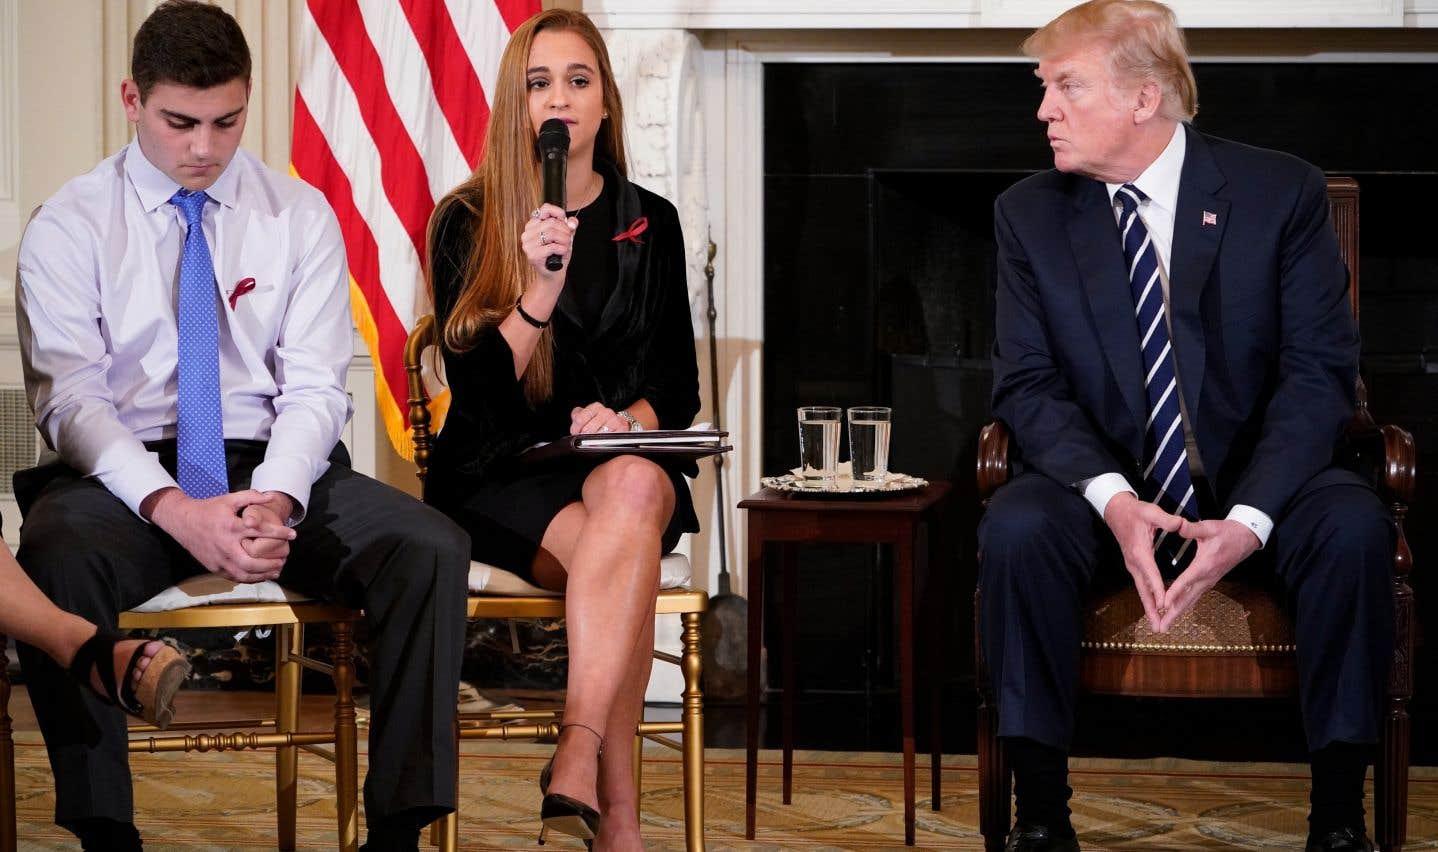 Le président américain Donald Trump a accueilli des survivants de la fusillade de Parkland, mercredi, à la Maison-Blanche.